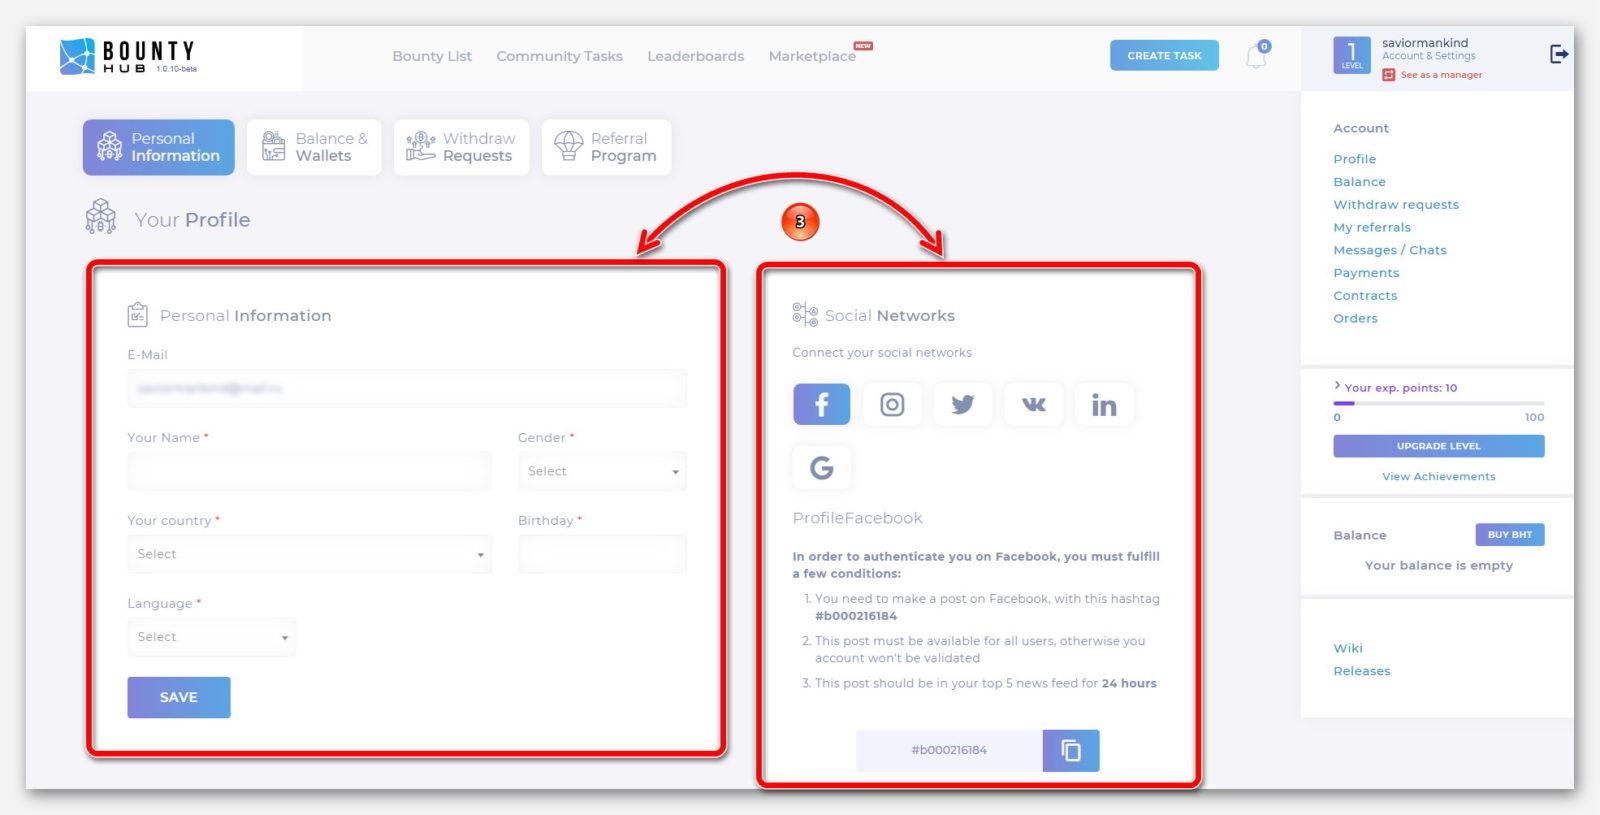 Профиль пользователя и социальные сети для подключение, на платформе BountyHub